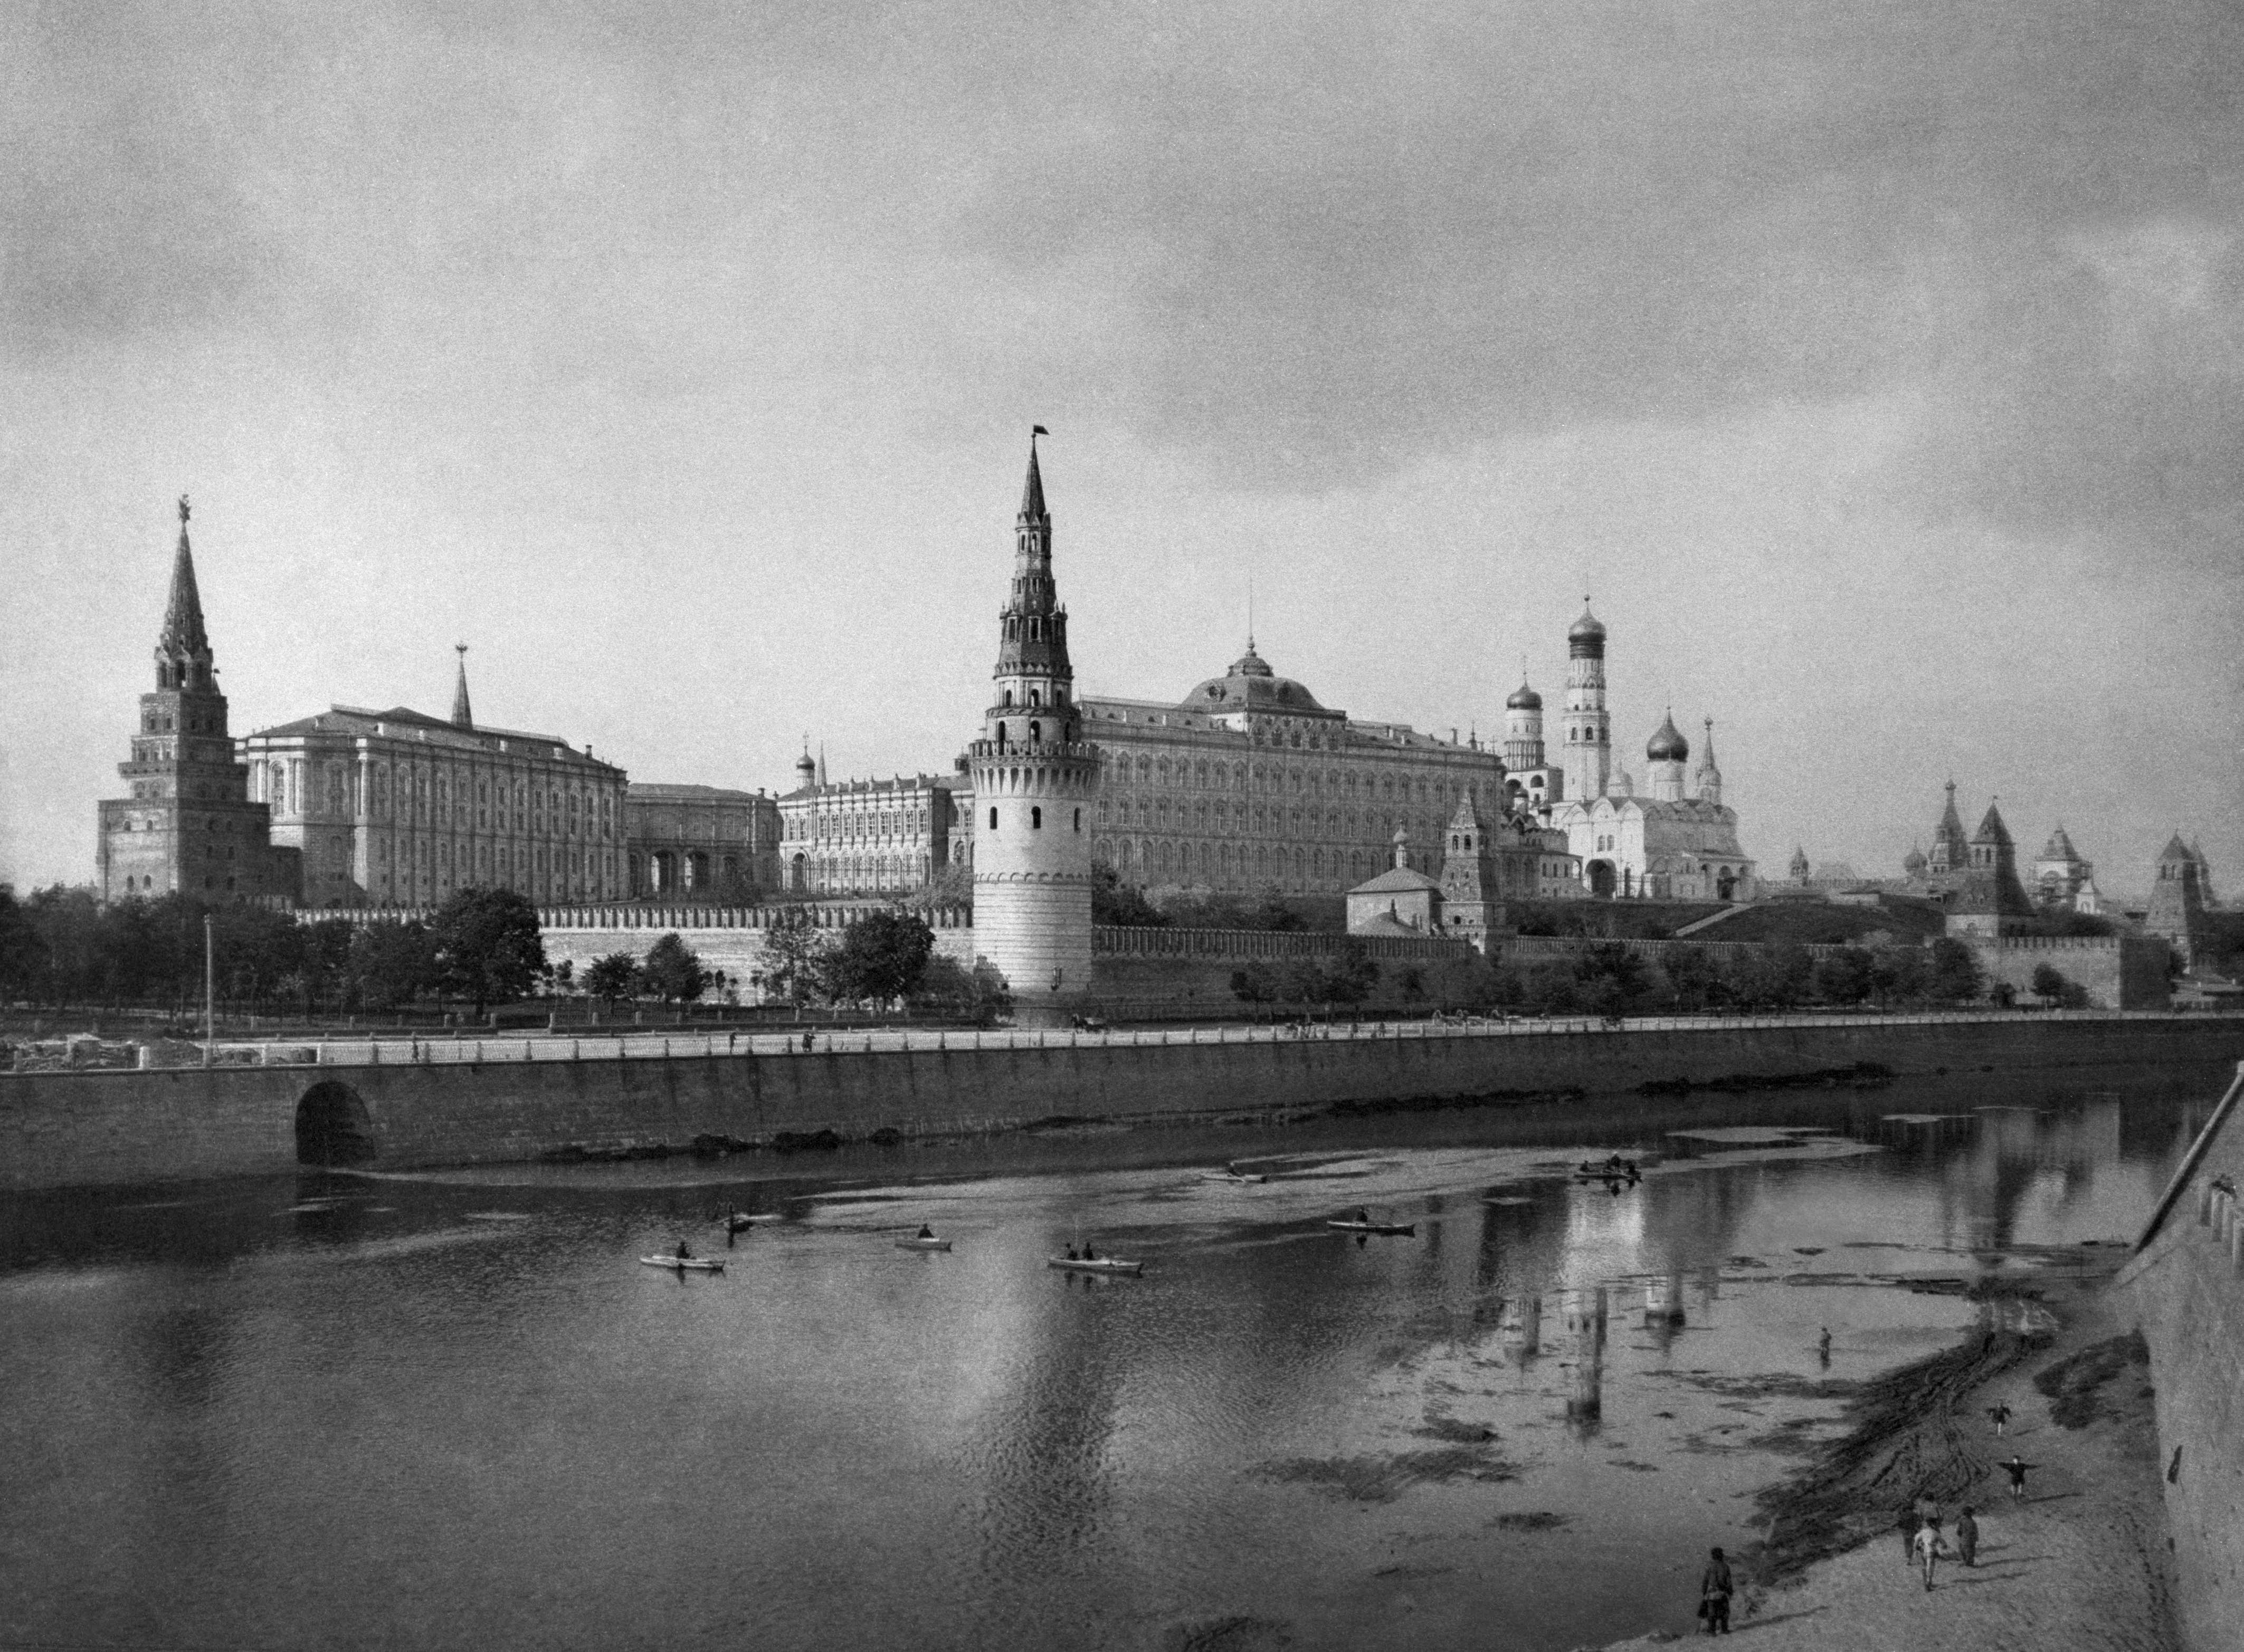 Фотоотчет саратов айриш на московской